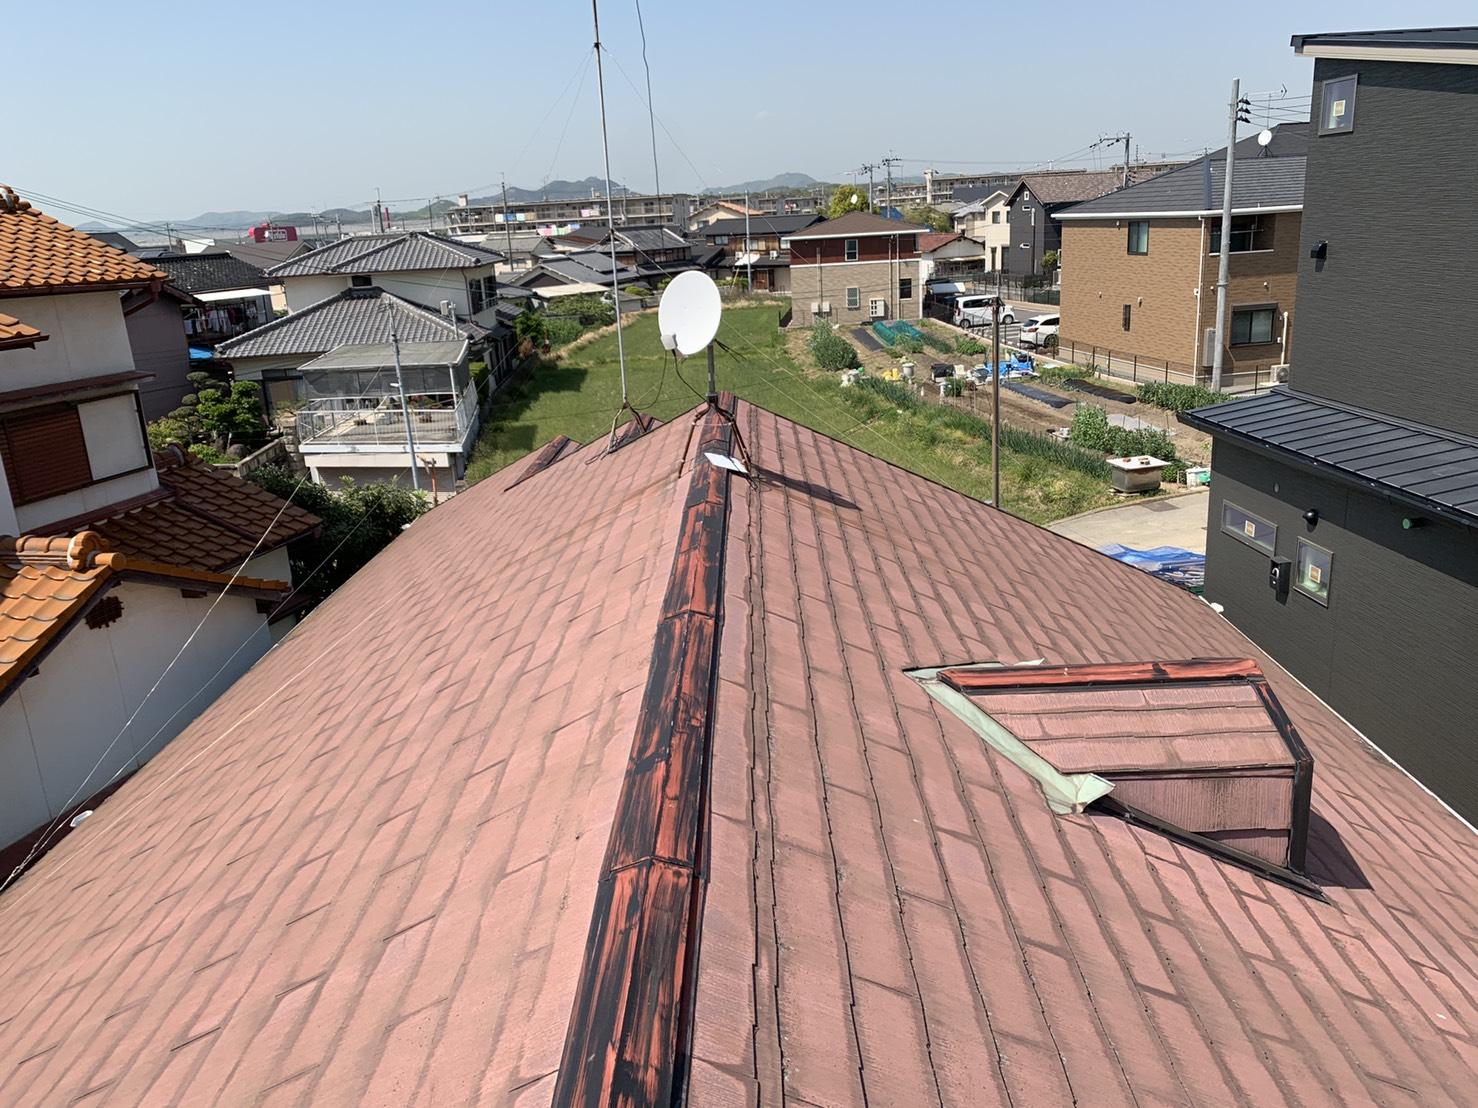 加古川市で行った屋根診断の屋根の様子